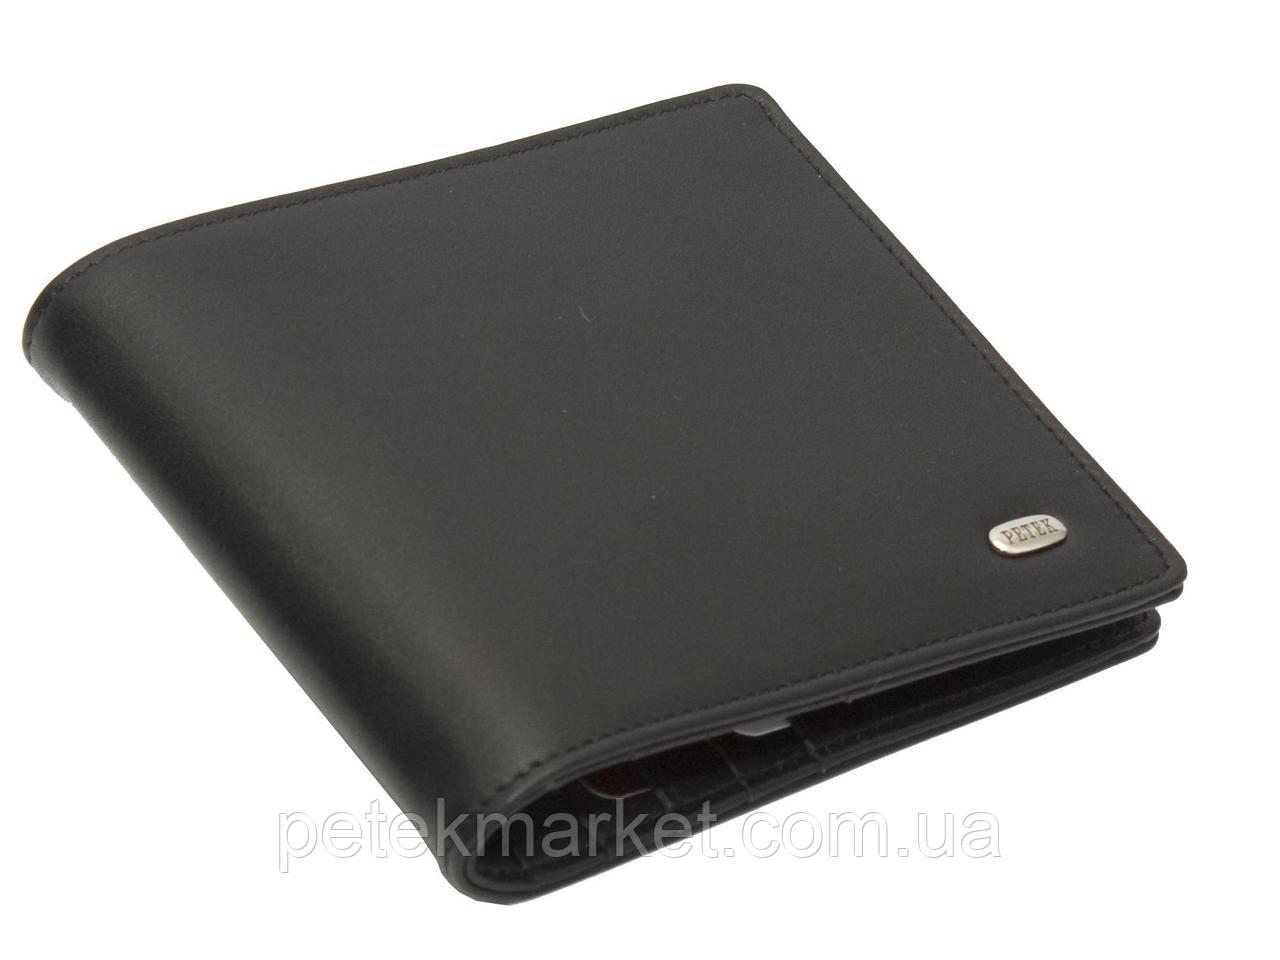 Кожаное мужское портмоне, зажим для купюр Petek 197